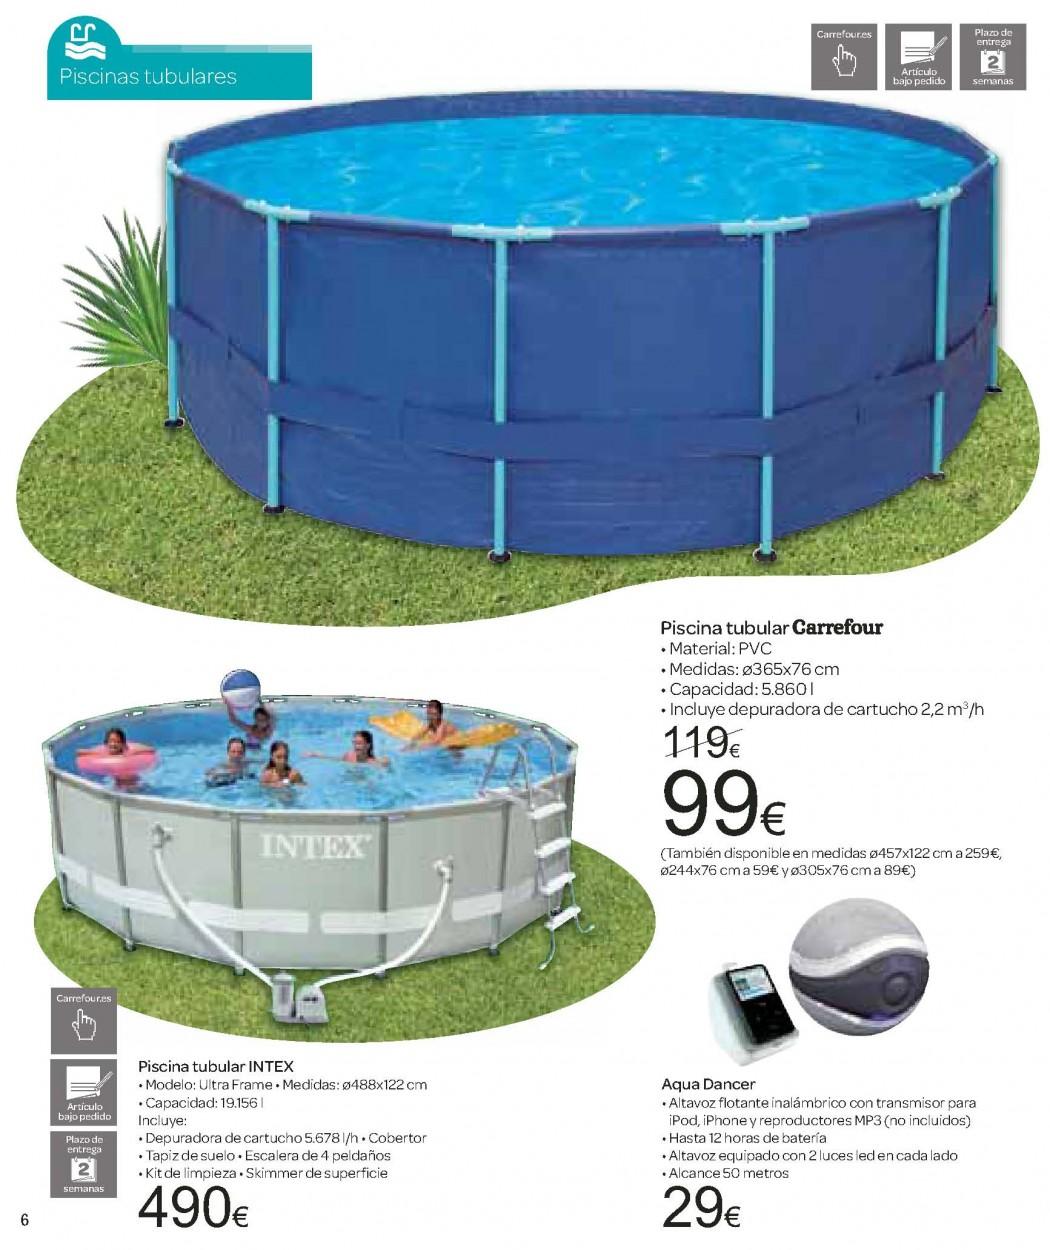 Catalogo Carrefour Junio 2012 - Especial Piscinas y Jardin_Page_06